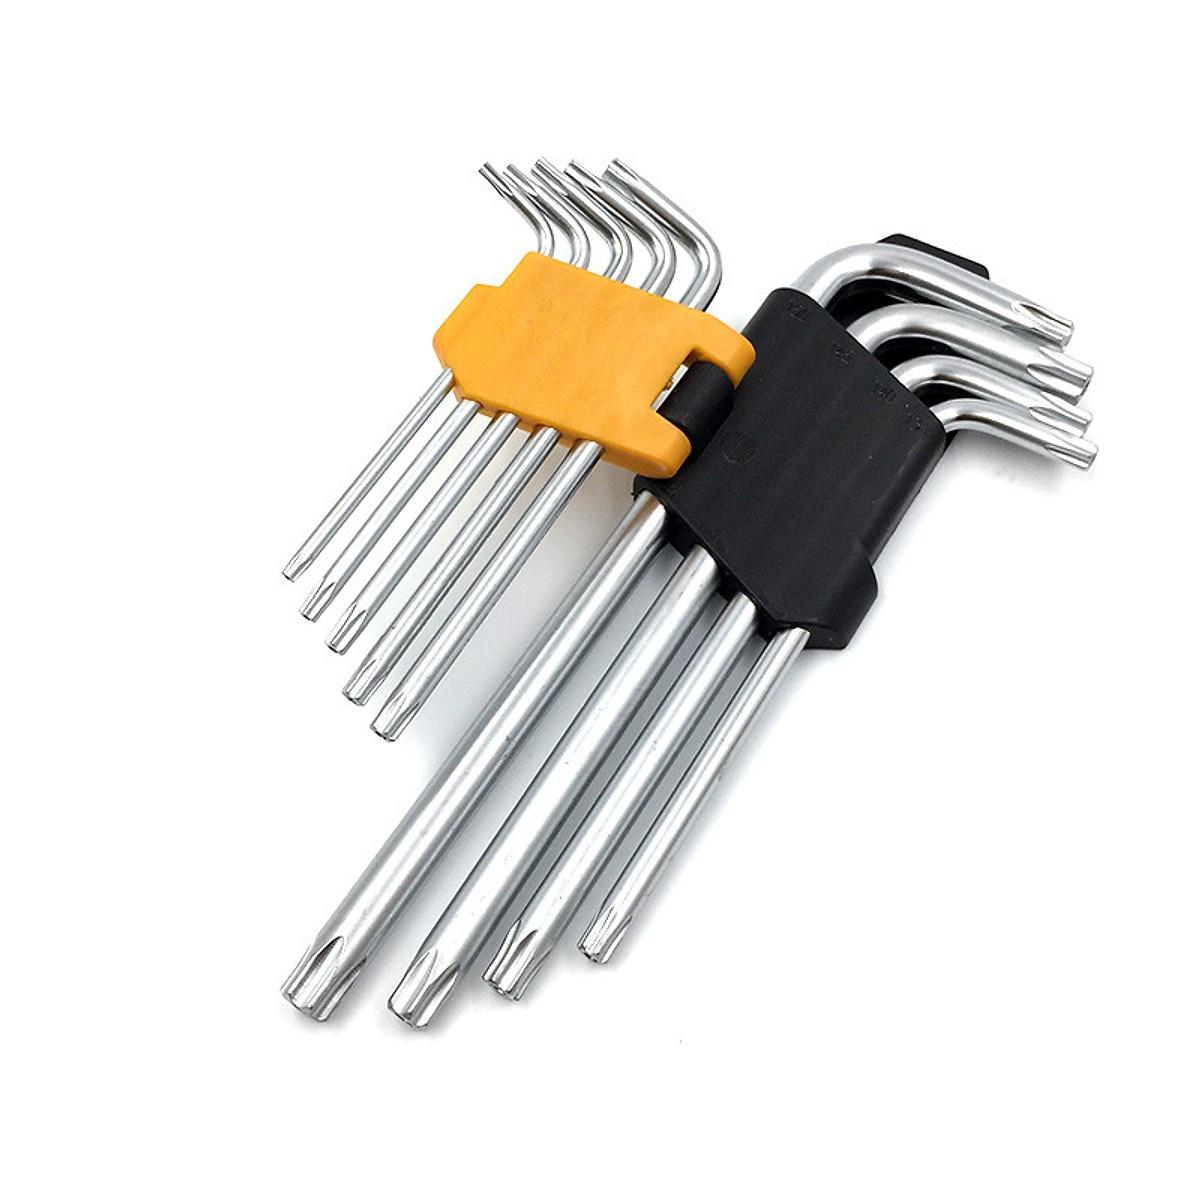 Набор Г-образных шестигранных ключей TORX с отверстием  Tolsen 9 шт Т10-Т50 Cr-V (20056)